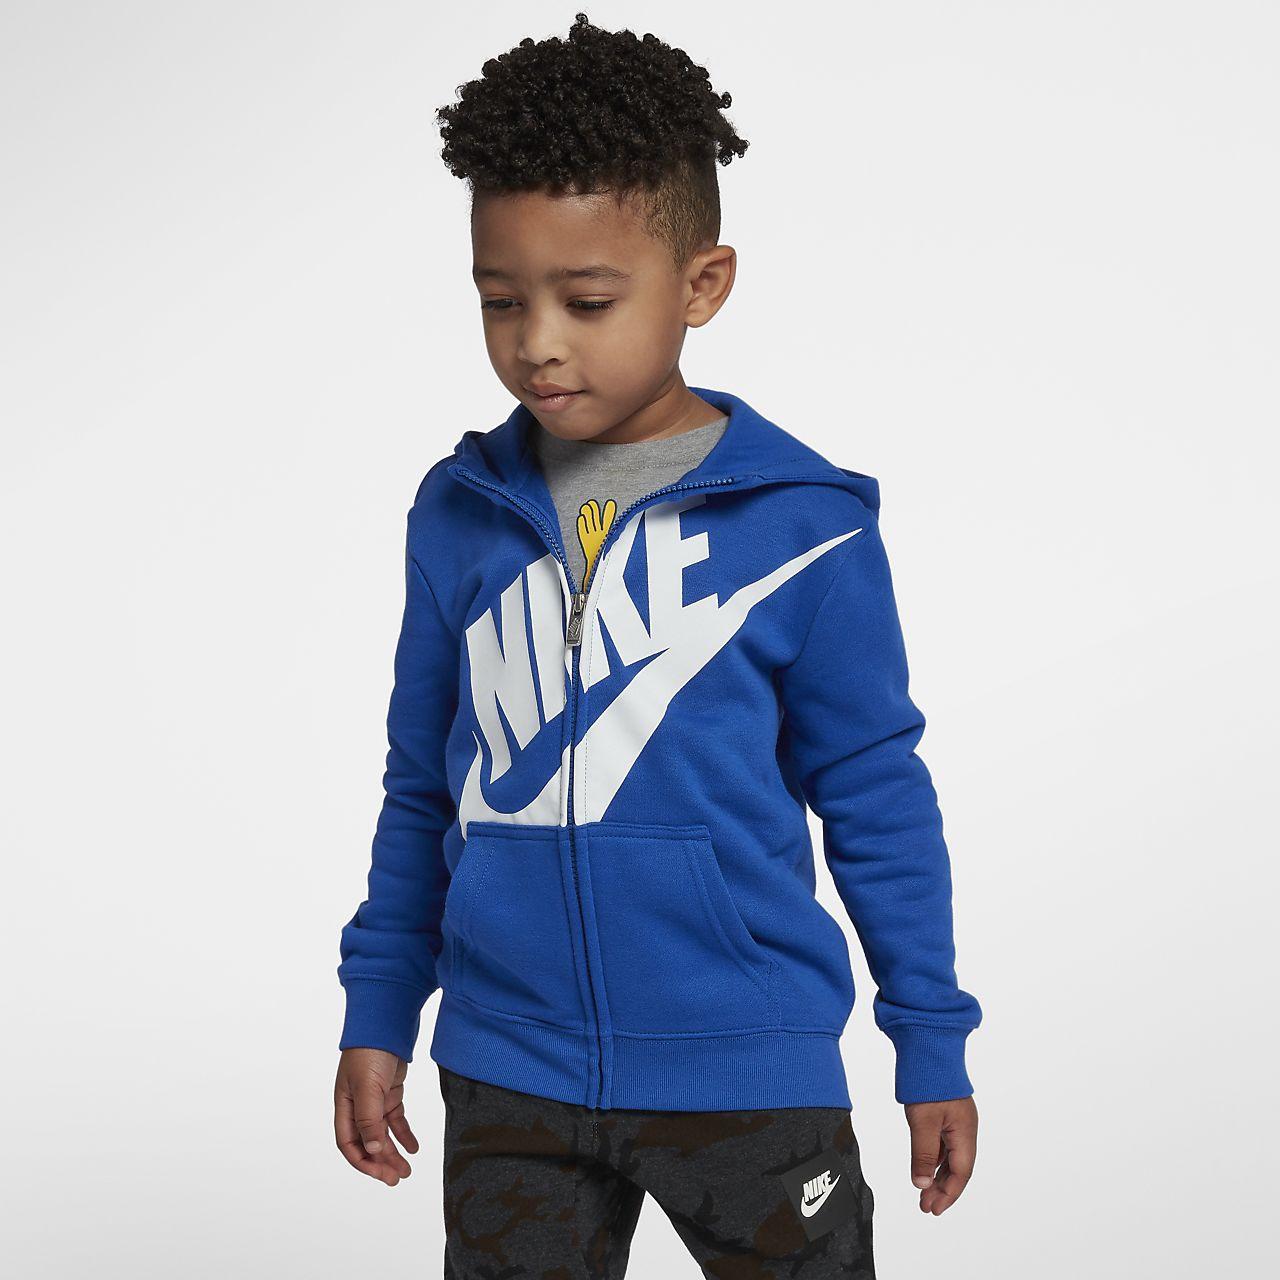 Nike kapucnis polárpulóver gyerekeknek